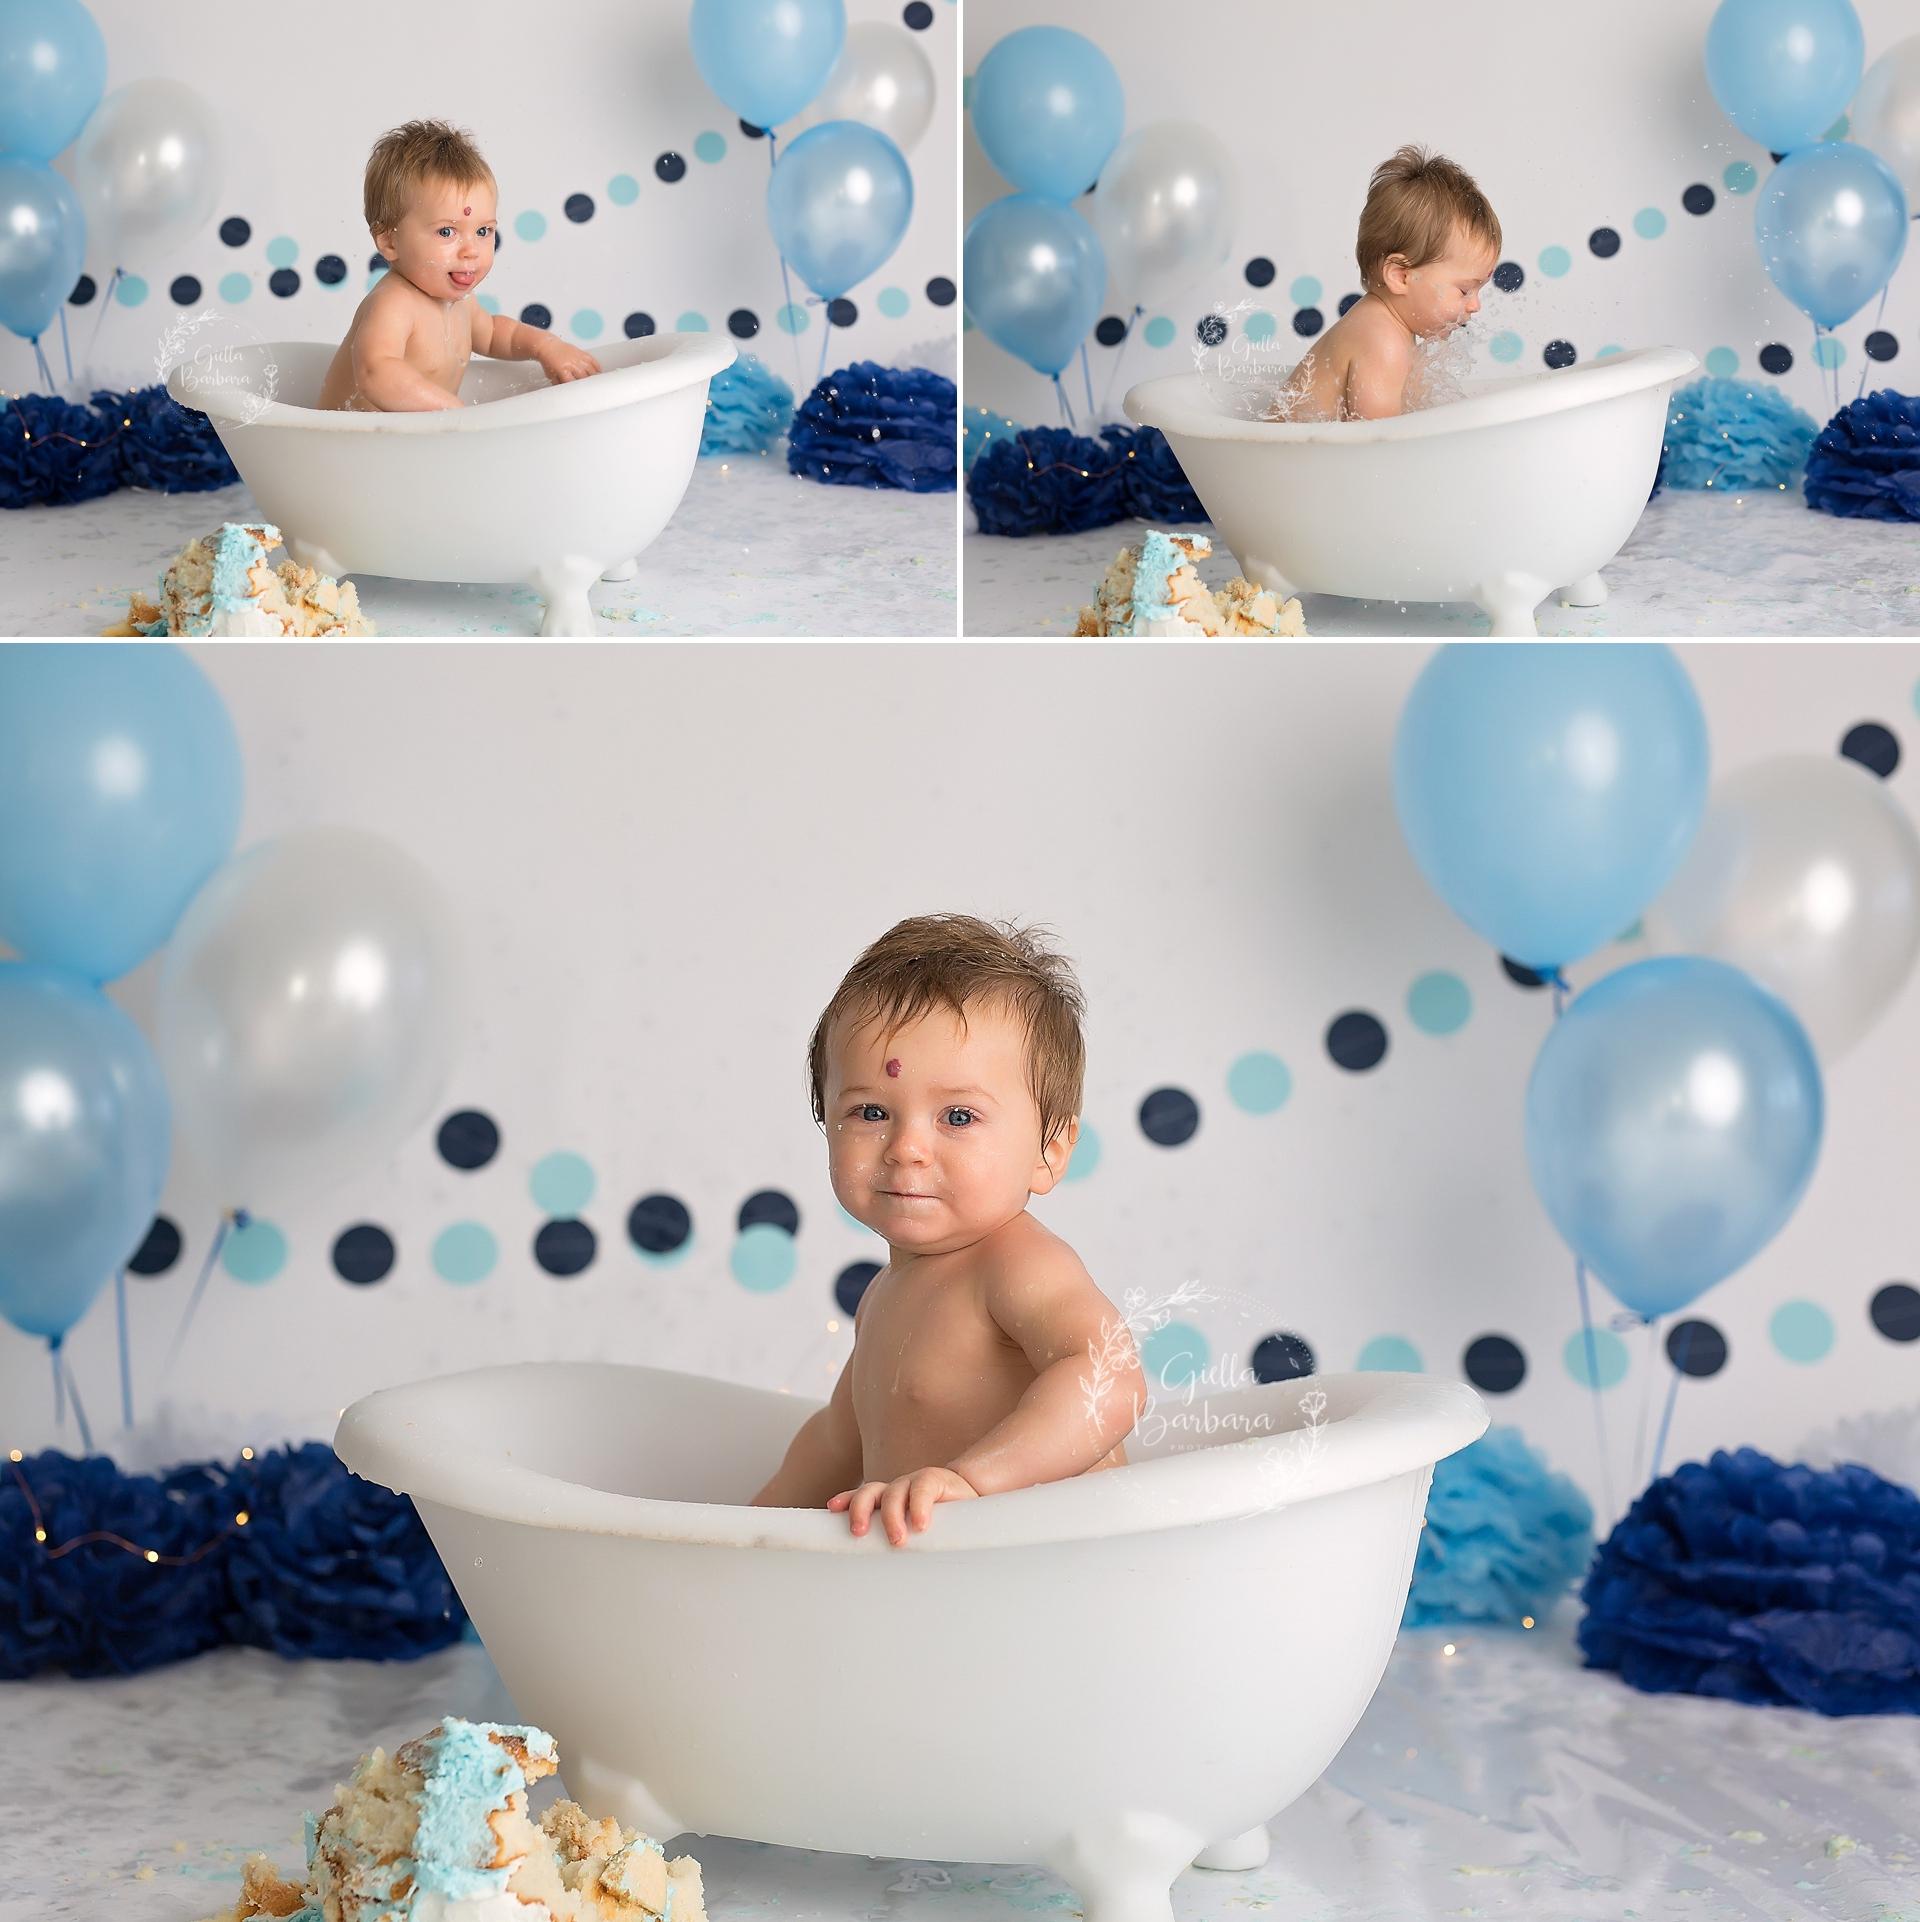 boy in a tub